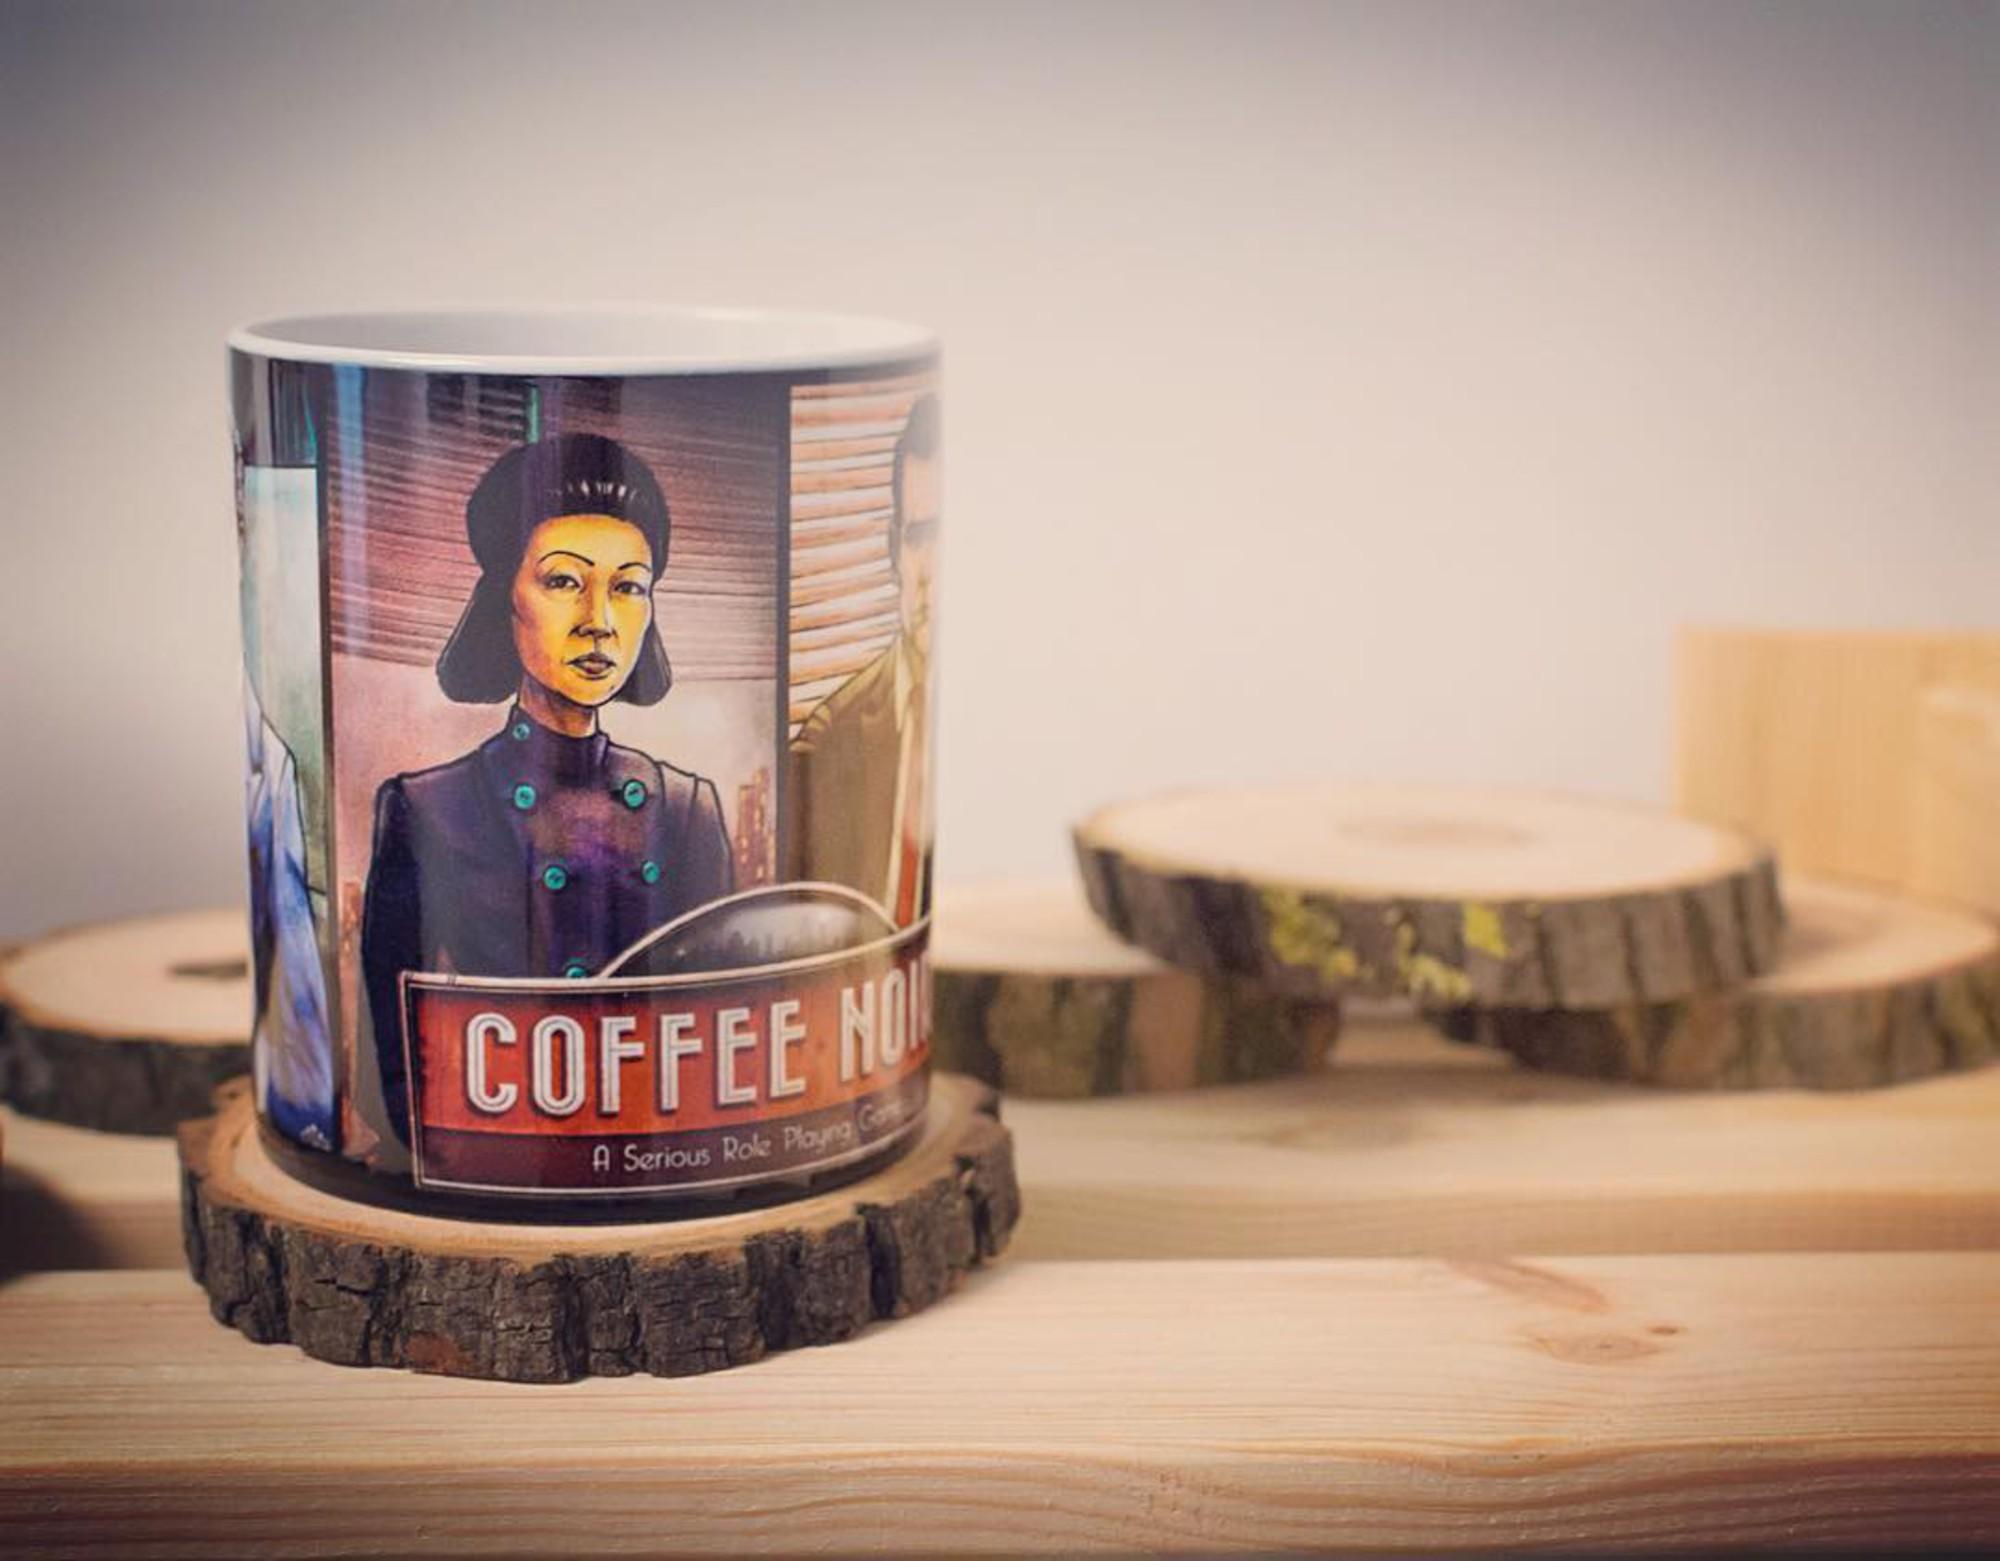 Kubki reklamowe Poznań dla Coffe Noir